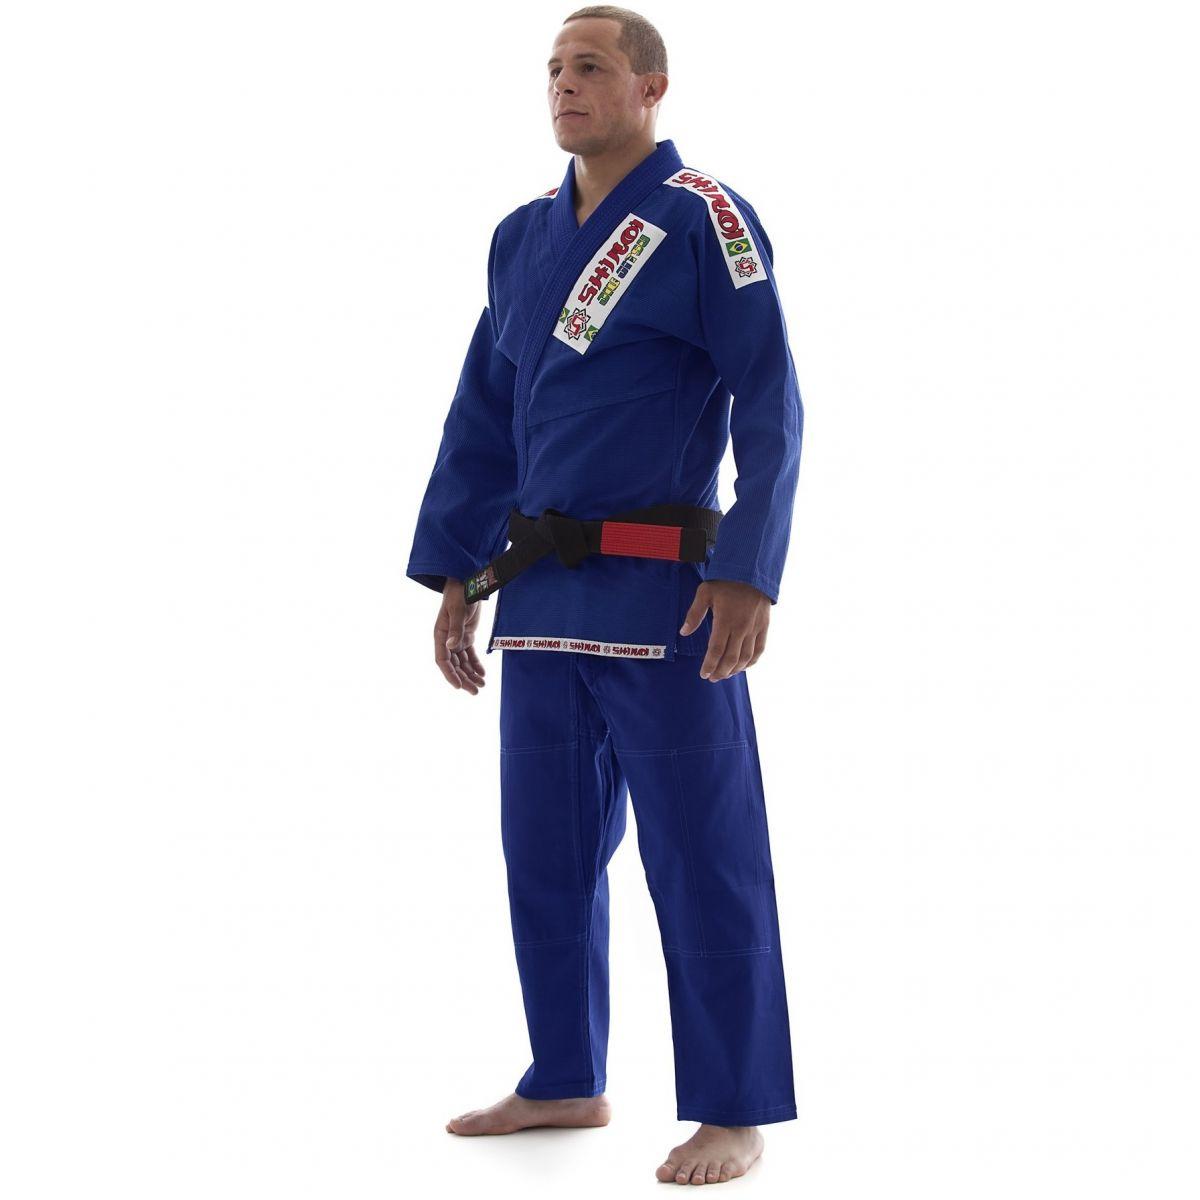 Kimono Jiu Jitsu - Trancado - Standart - Shiroi - Azul